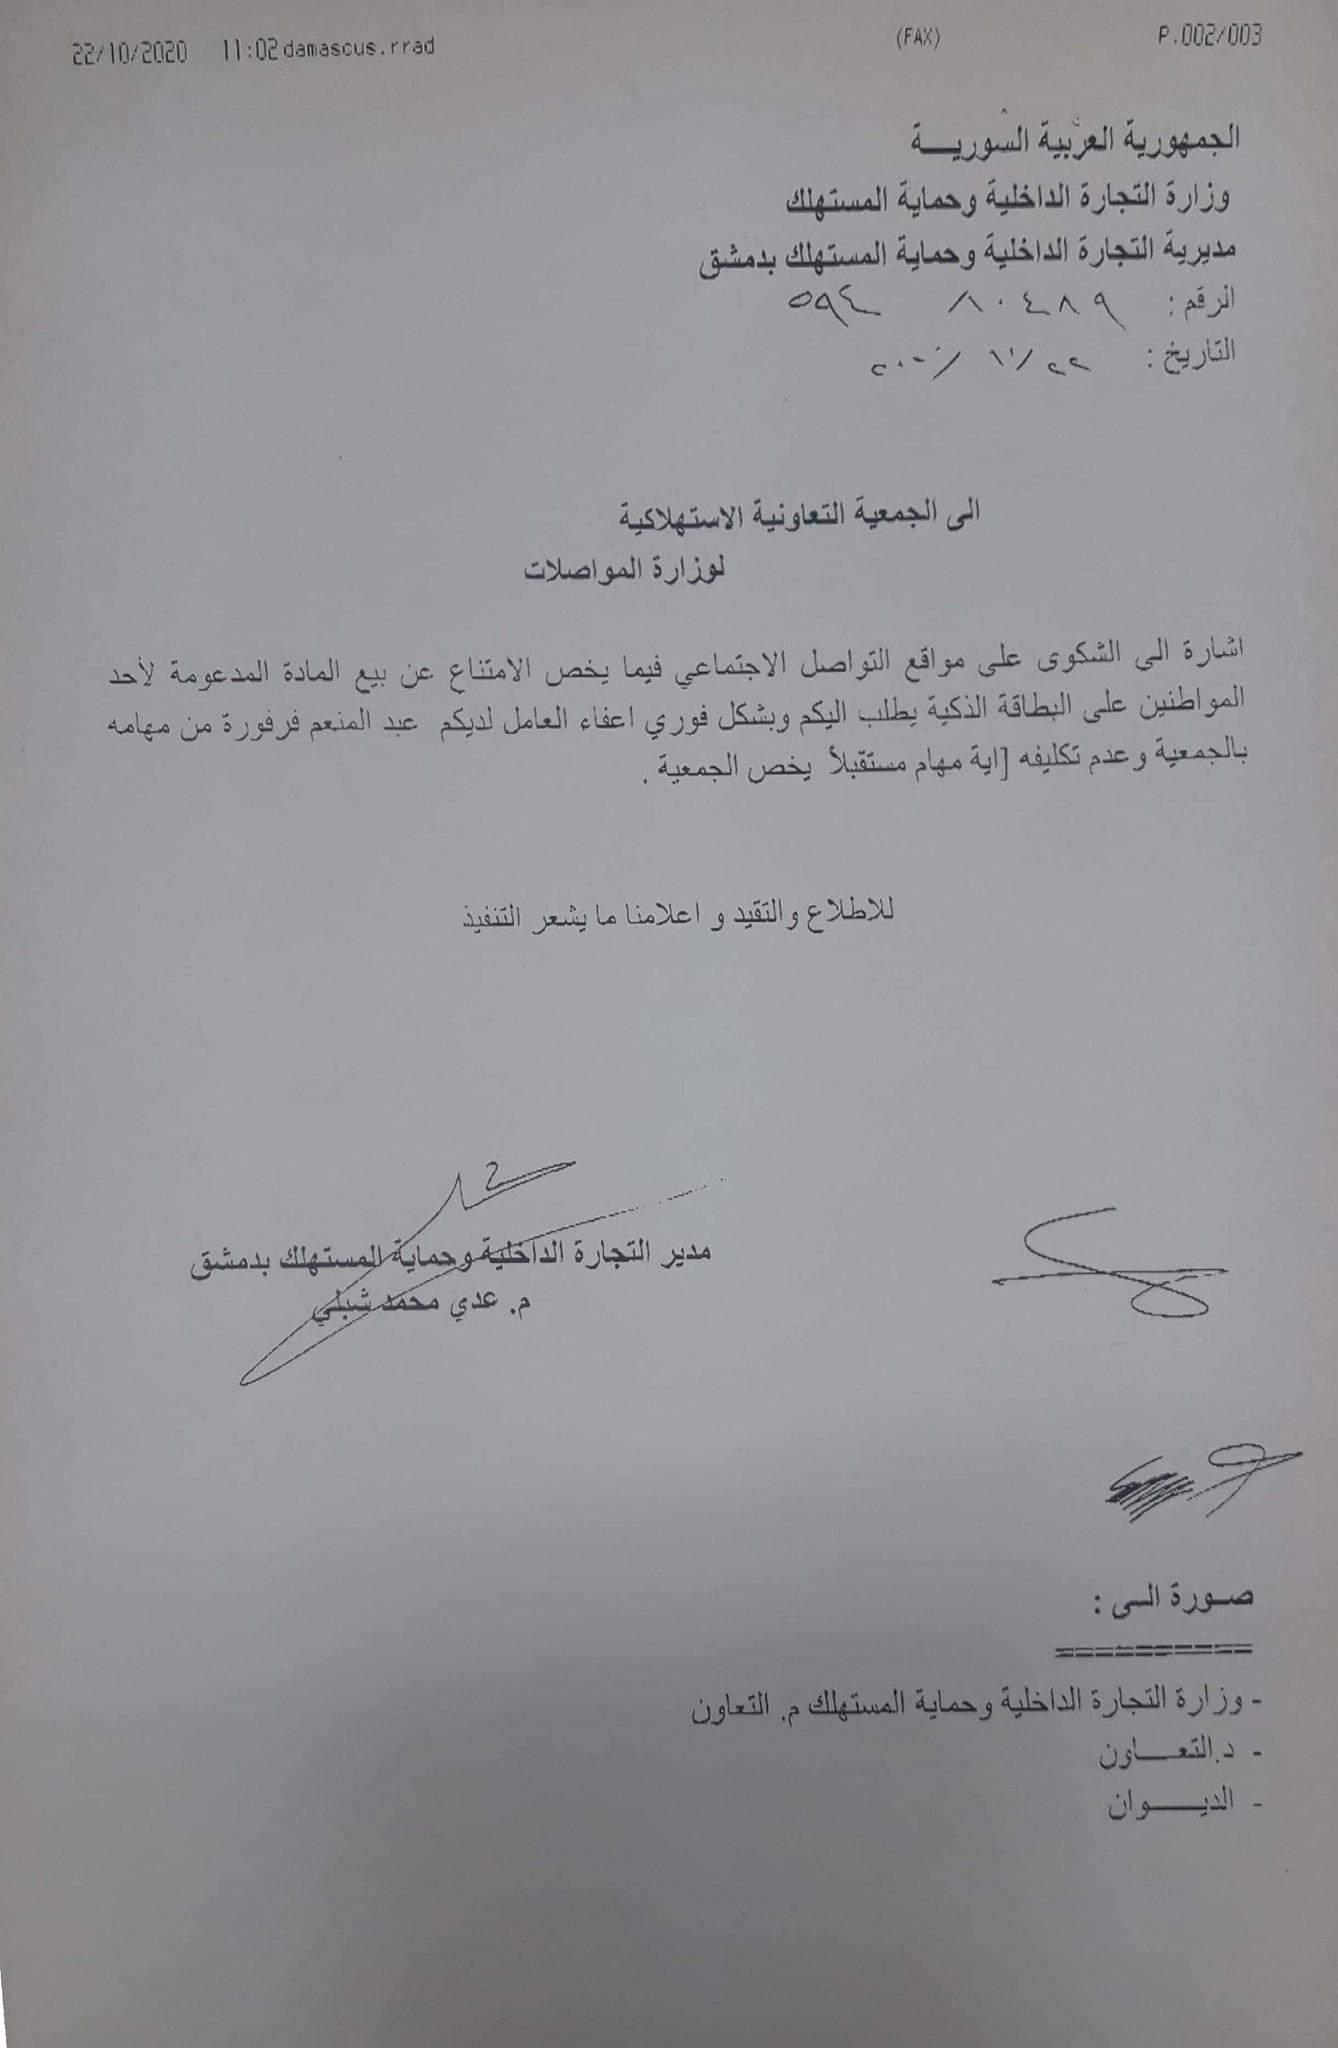 وزير التموين يستجيب للمواطنين في موضوع مدام فاتن